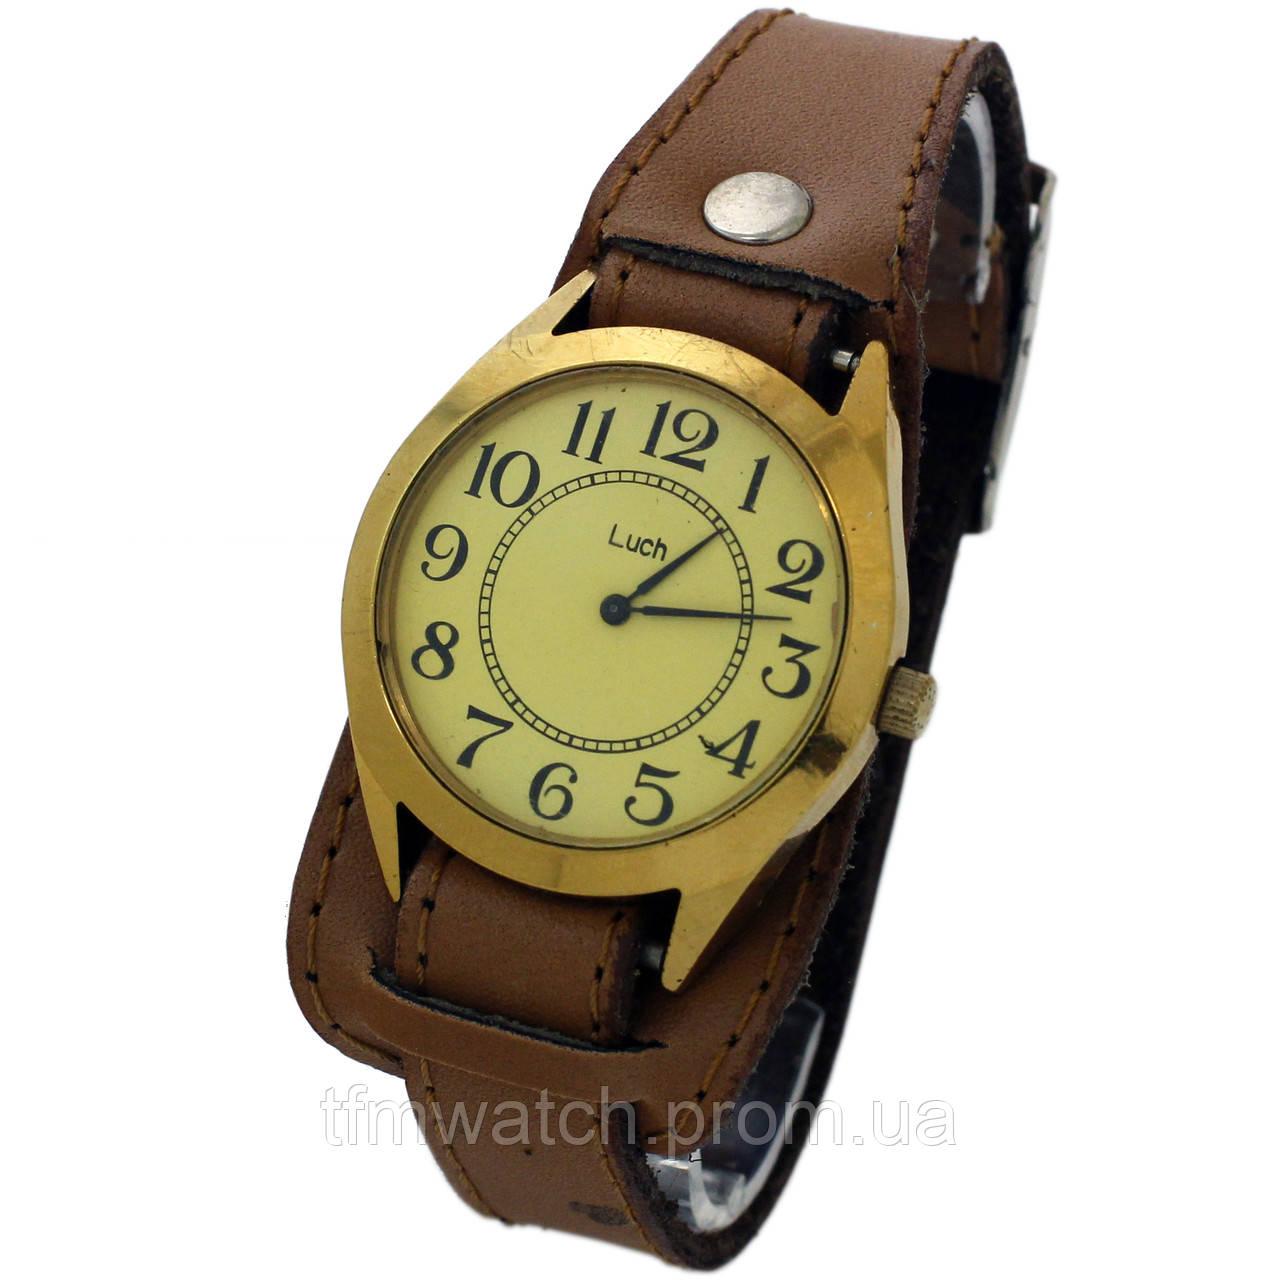 Купить часы из беларуси женские часы наручные часы с фианитами